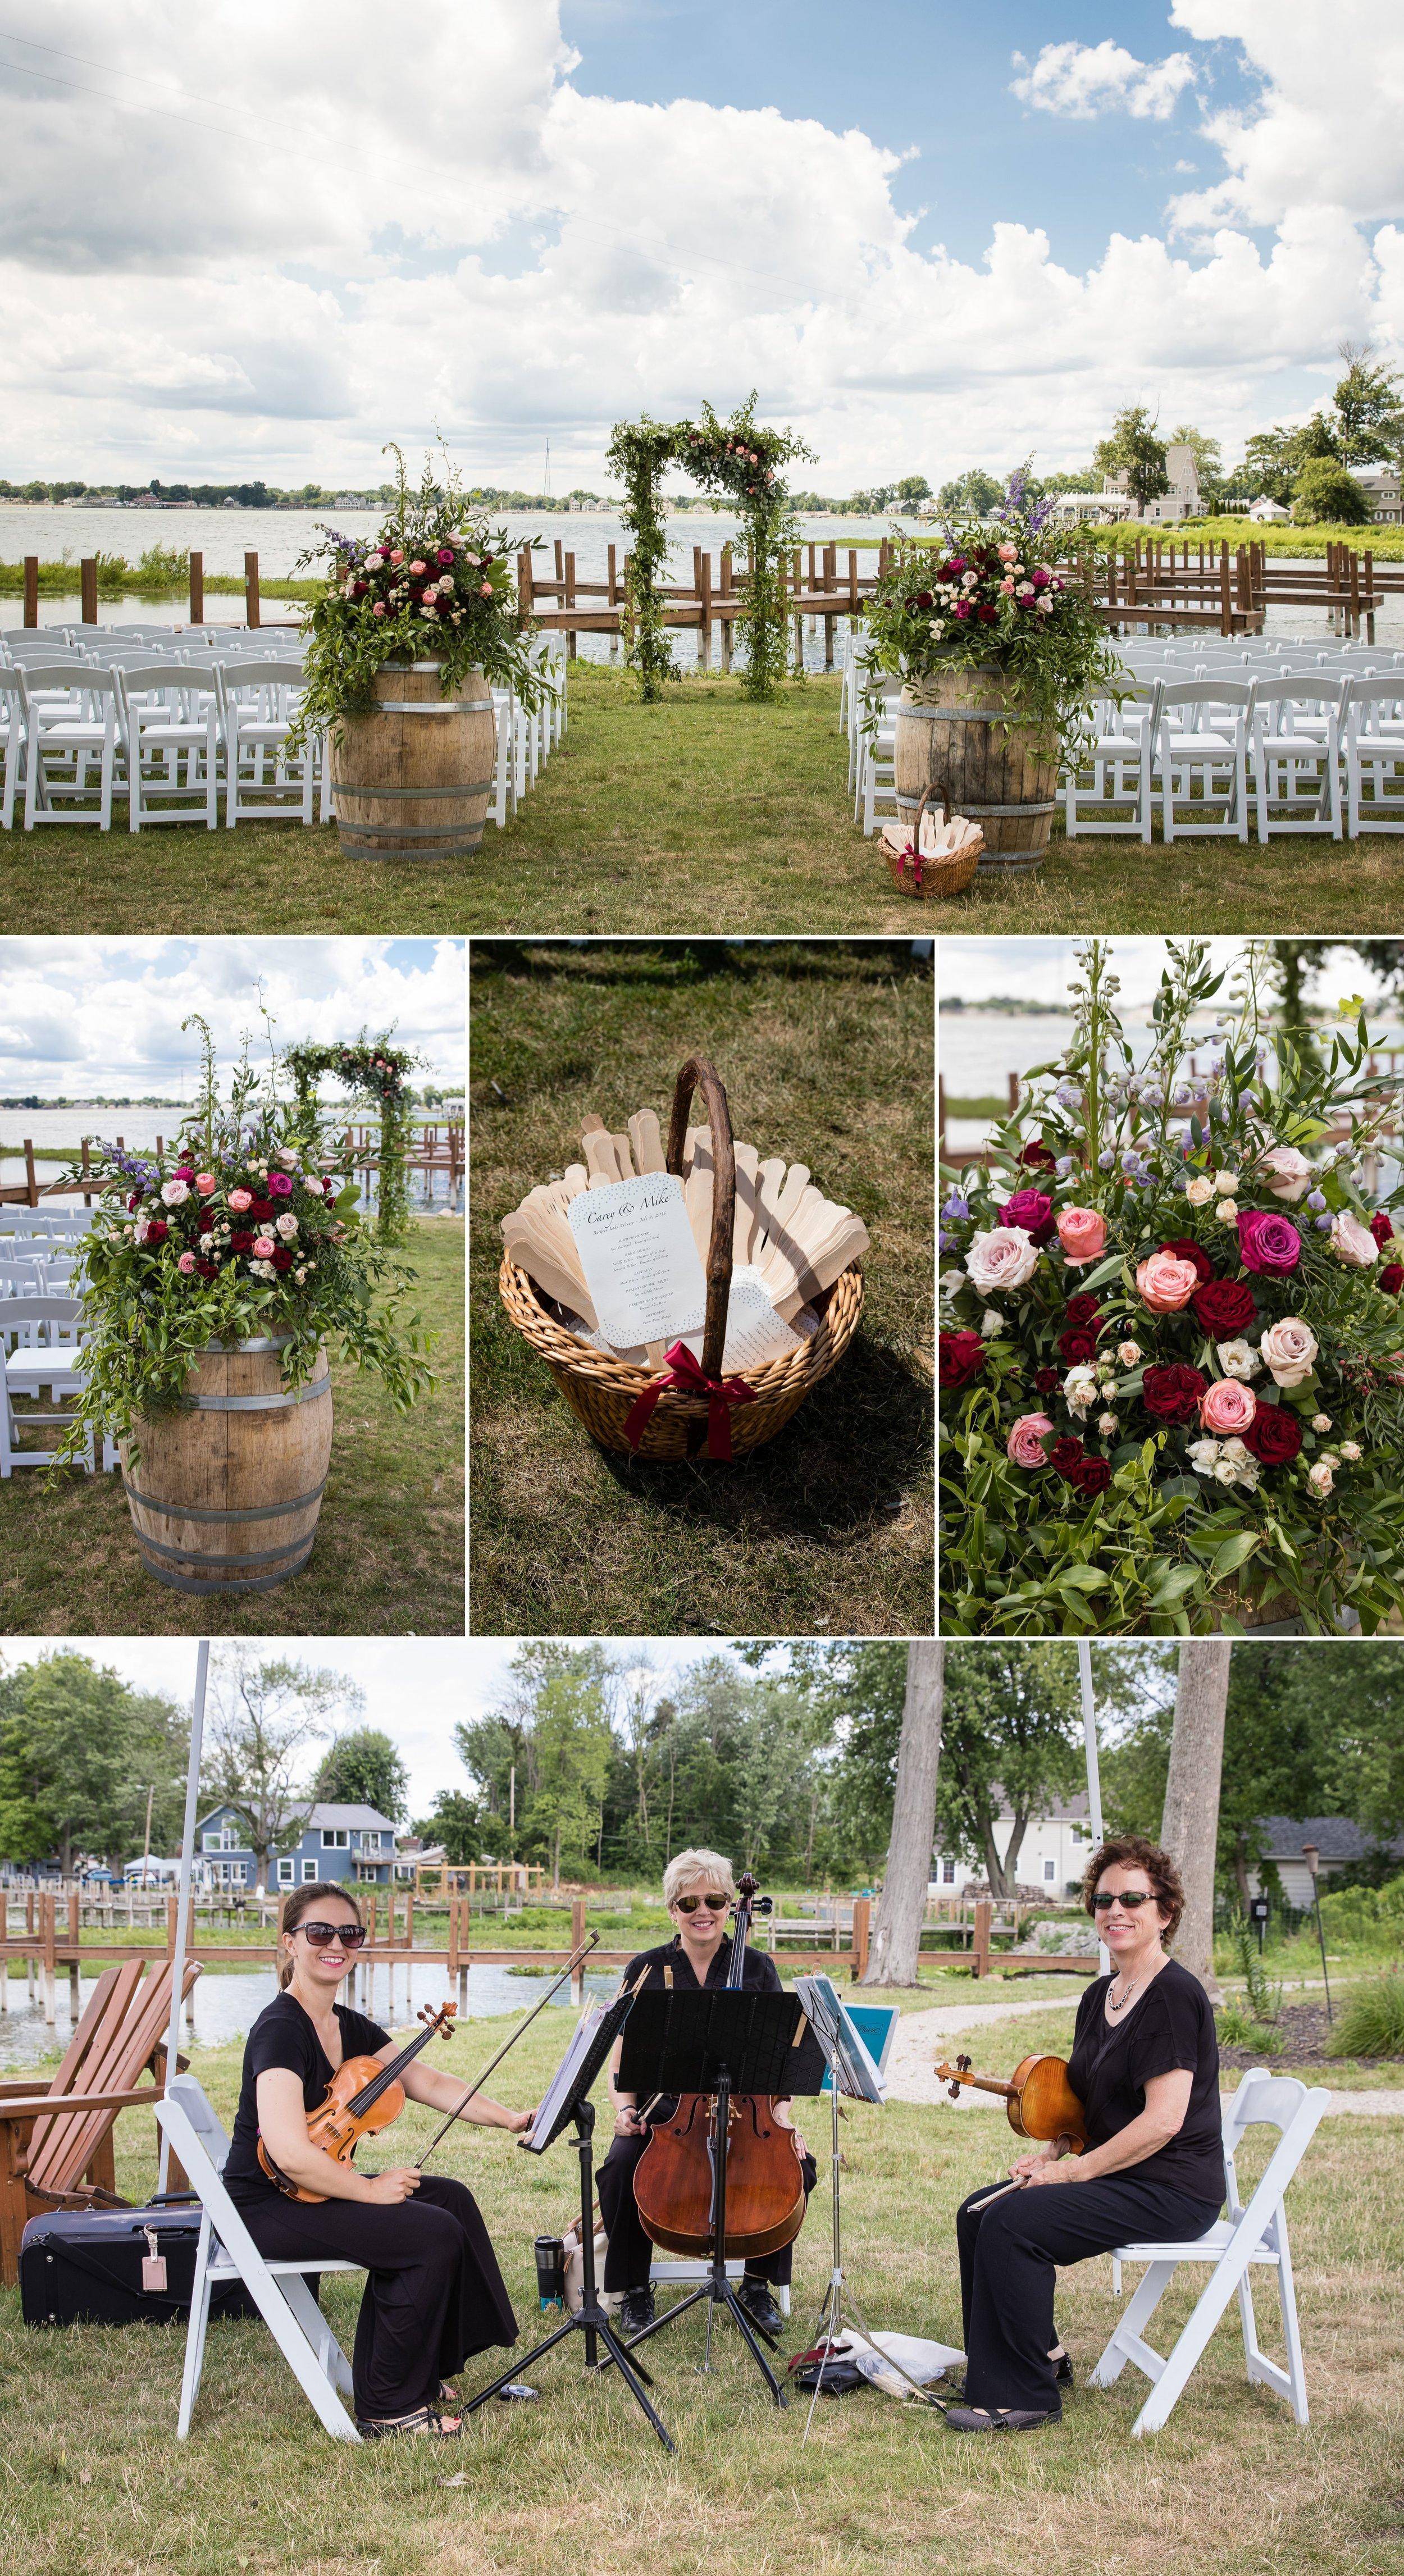 011-Buckeye-lake-winery-wedding-ceremony-columbus-ohio-wedding-photography-muschlitz-photography-01.JPG